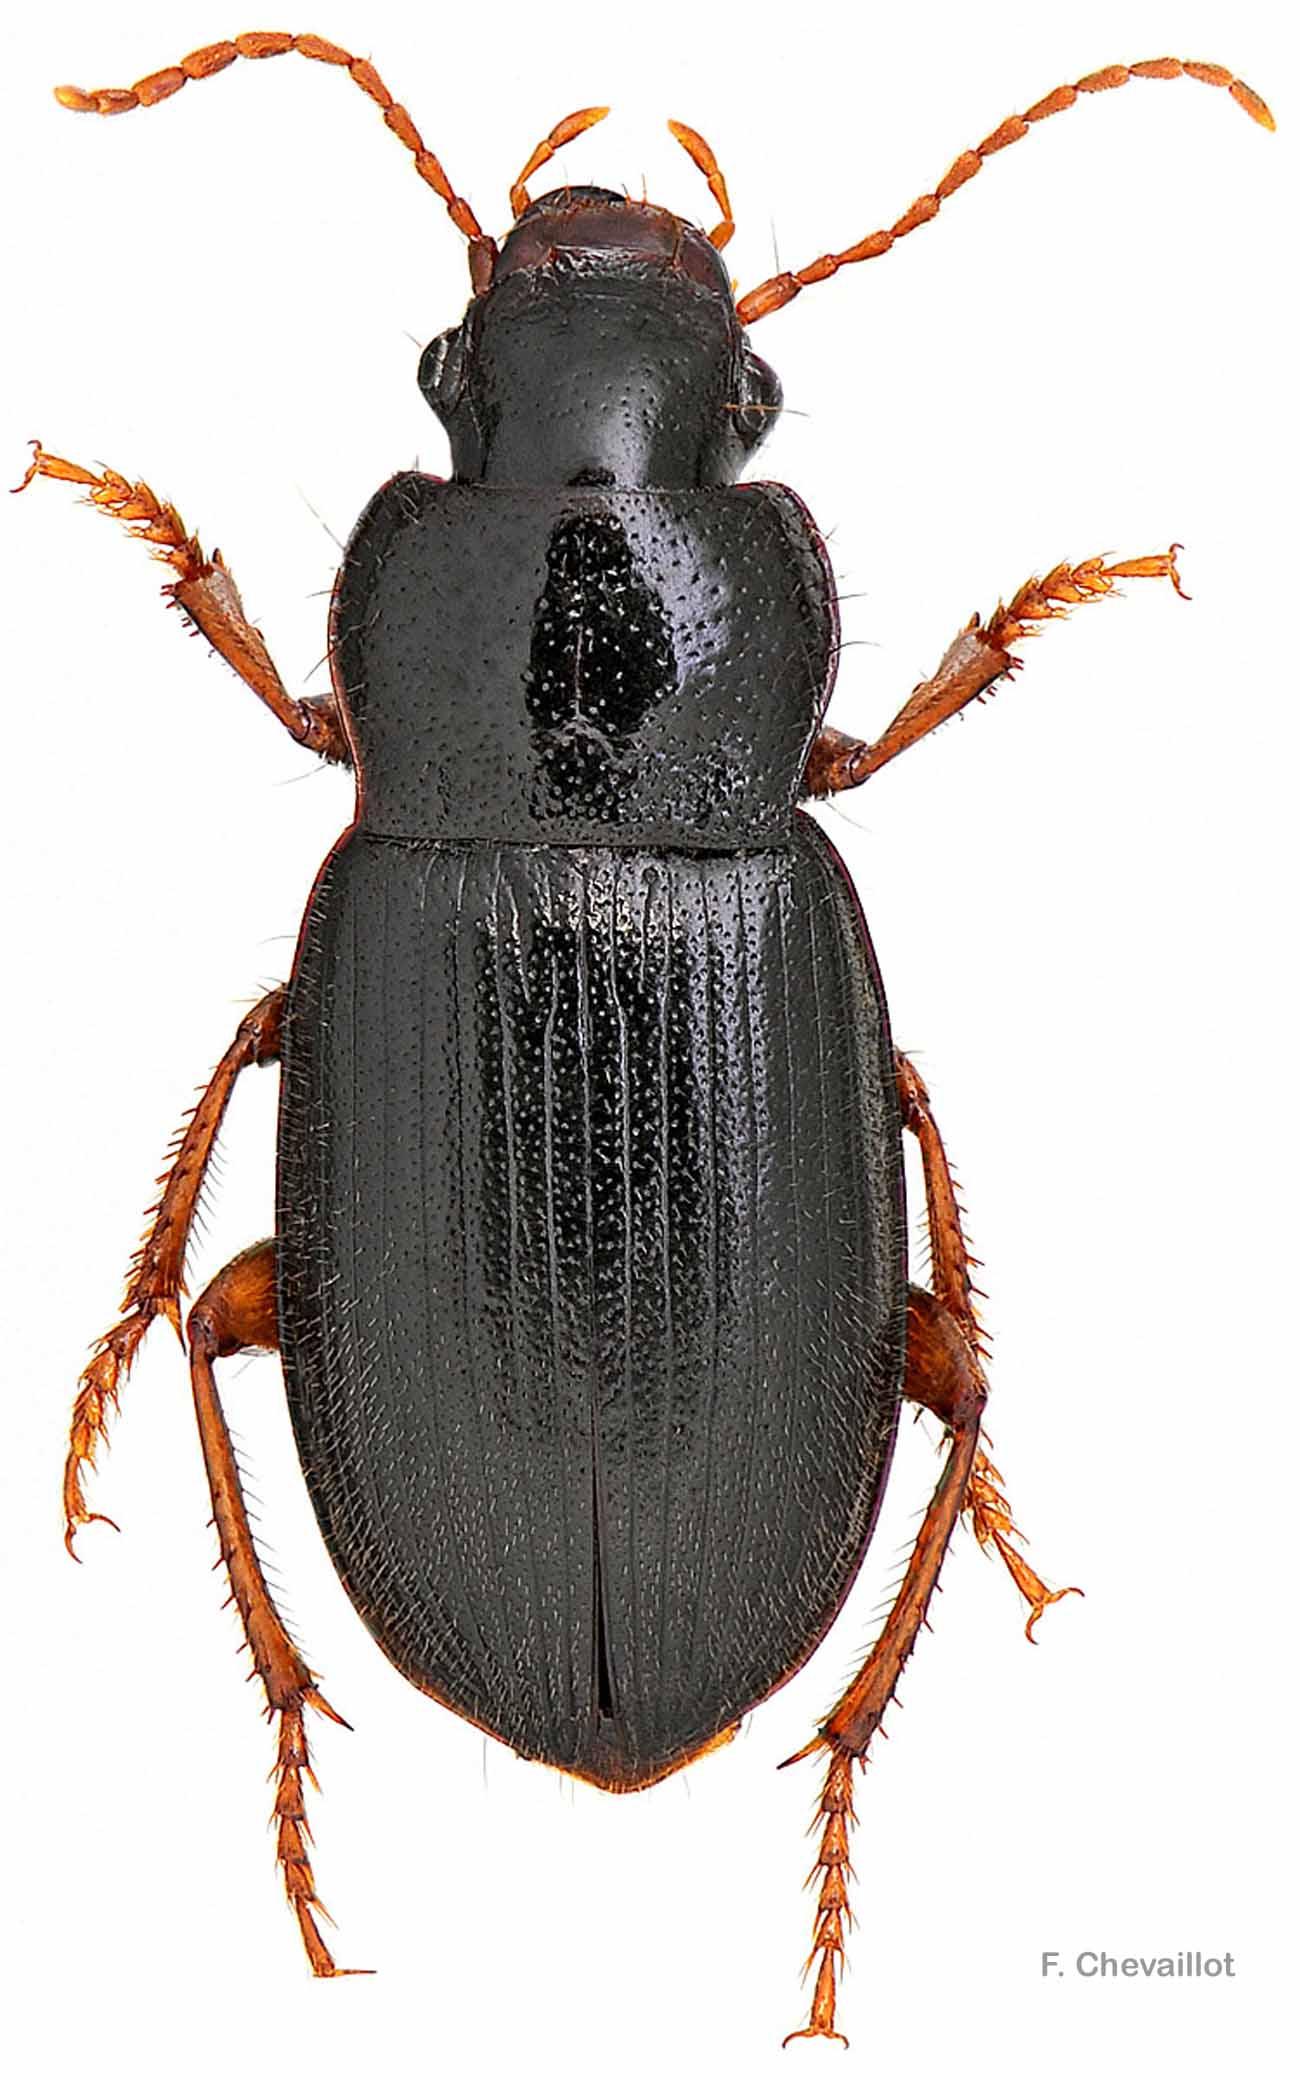 Ophonus rufibarbis